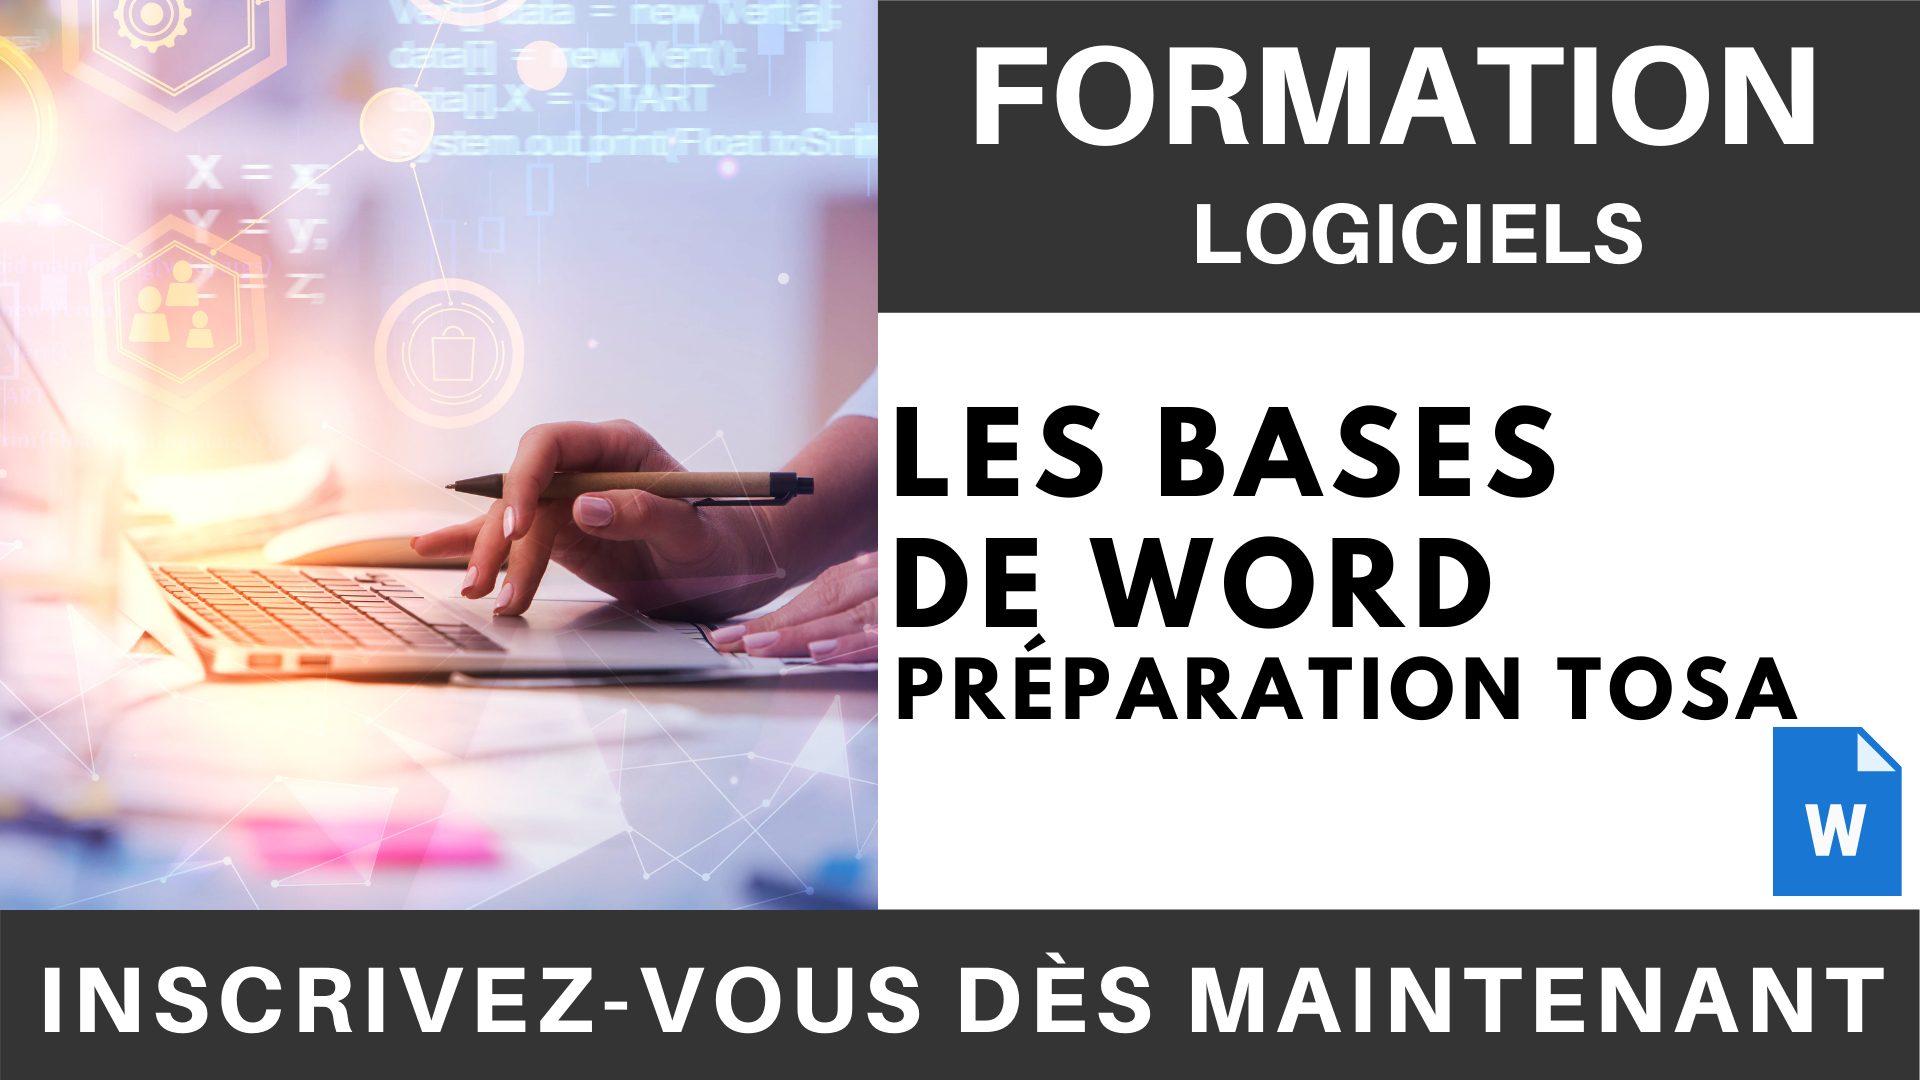 Formation LOGICIEL - Les Bases de Word - Préparation TOSA